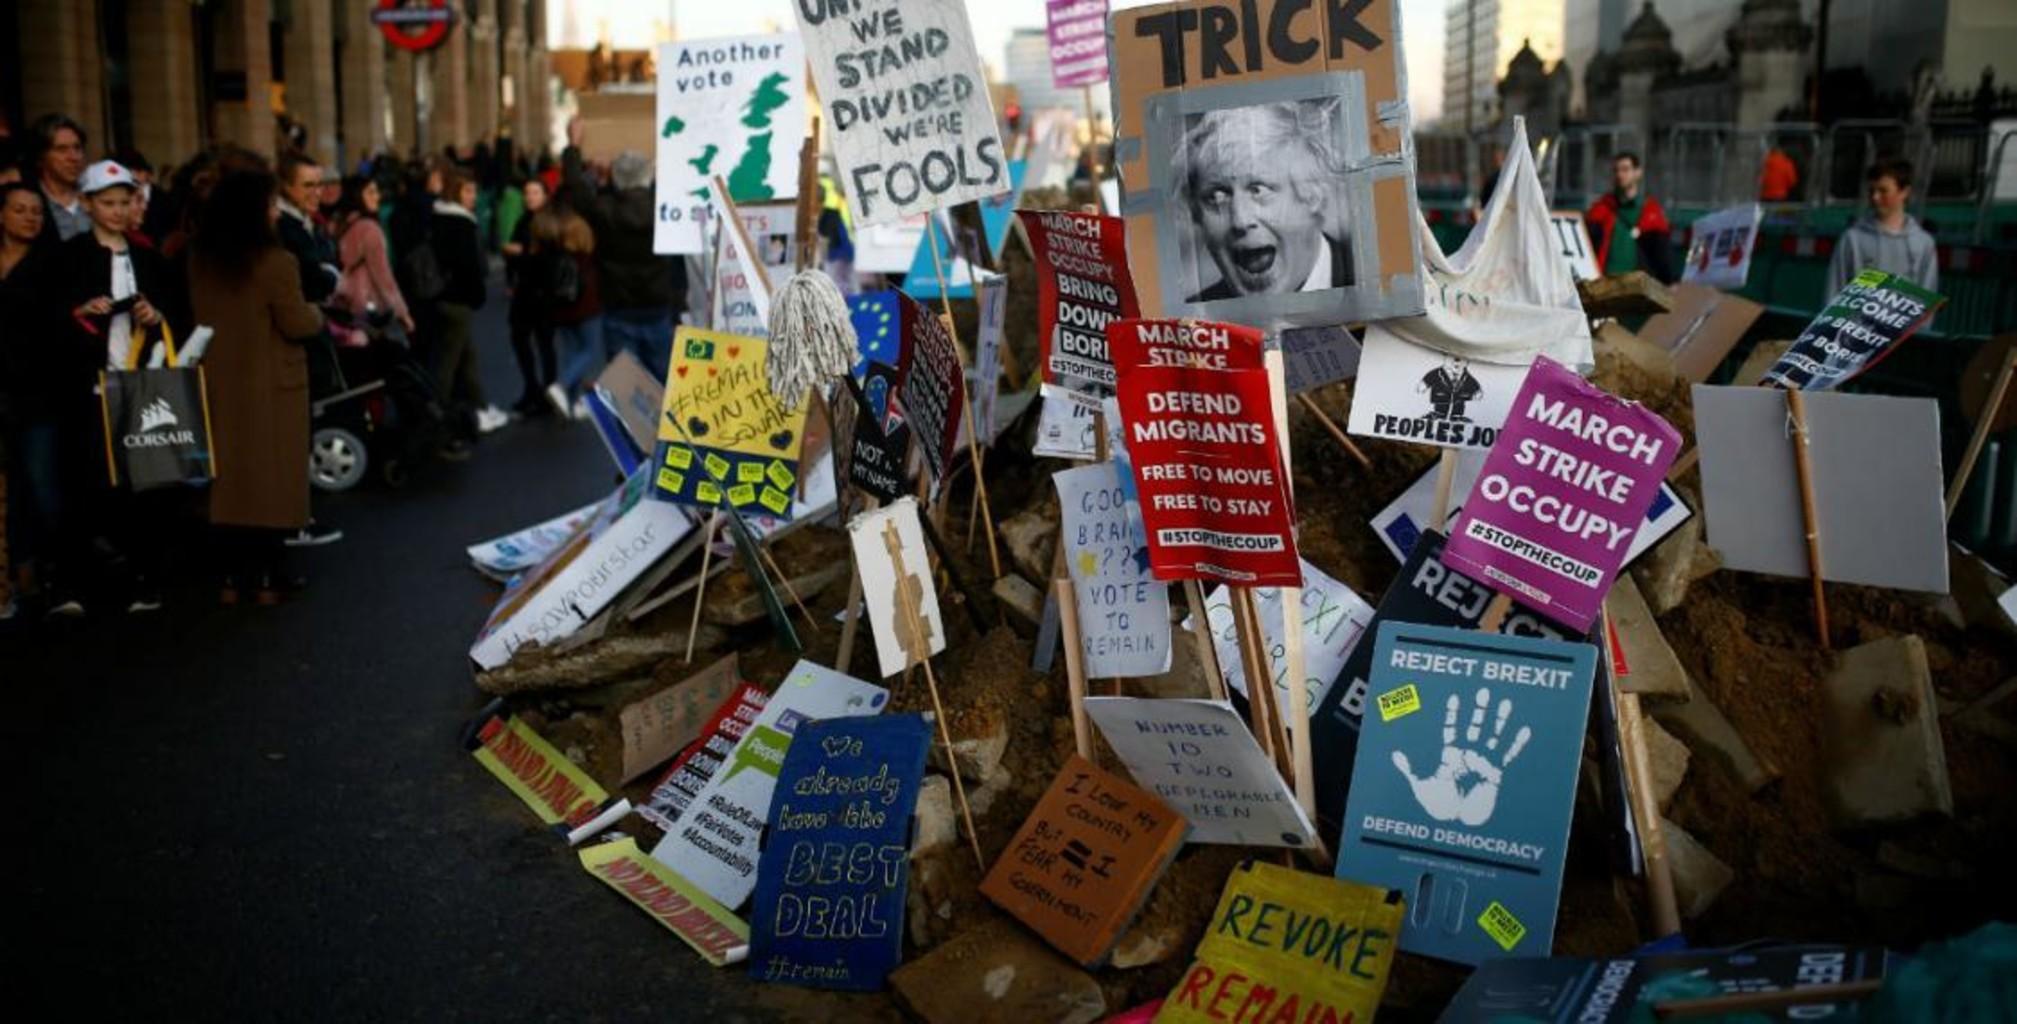 2019 10 19t171423z 1819732594 rc1fbb639fa0 rtrmadp 3 britain eu protest